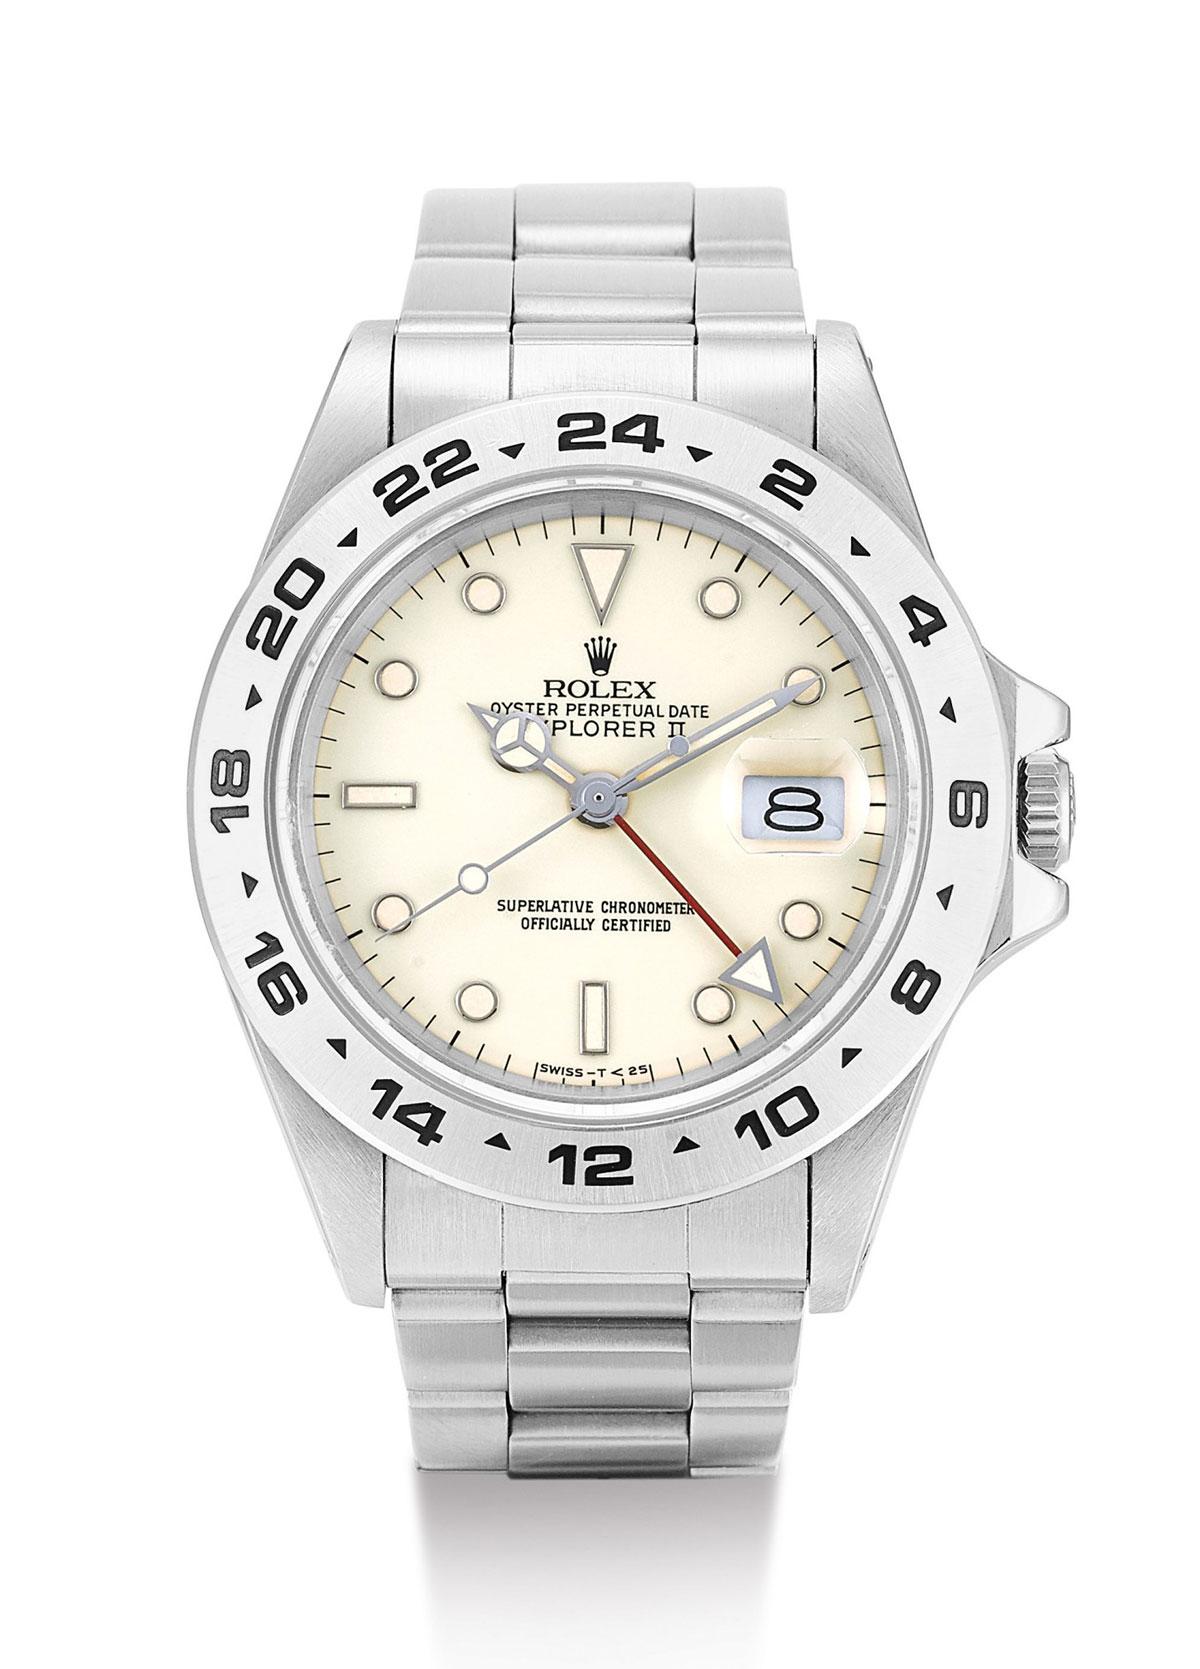 El Rolex Explorer II 16550